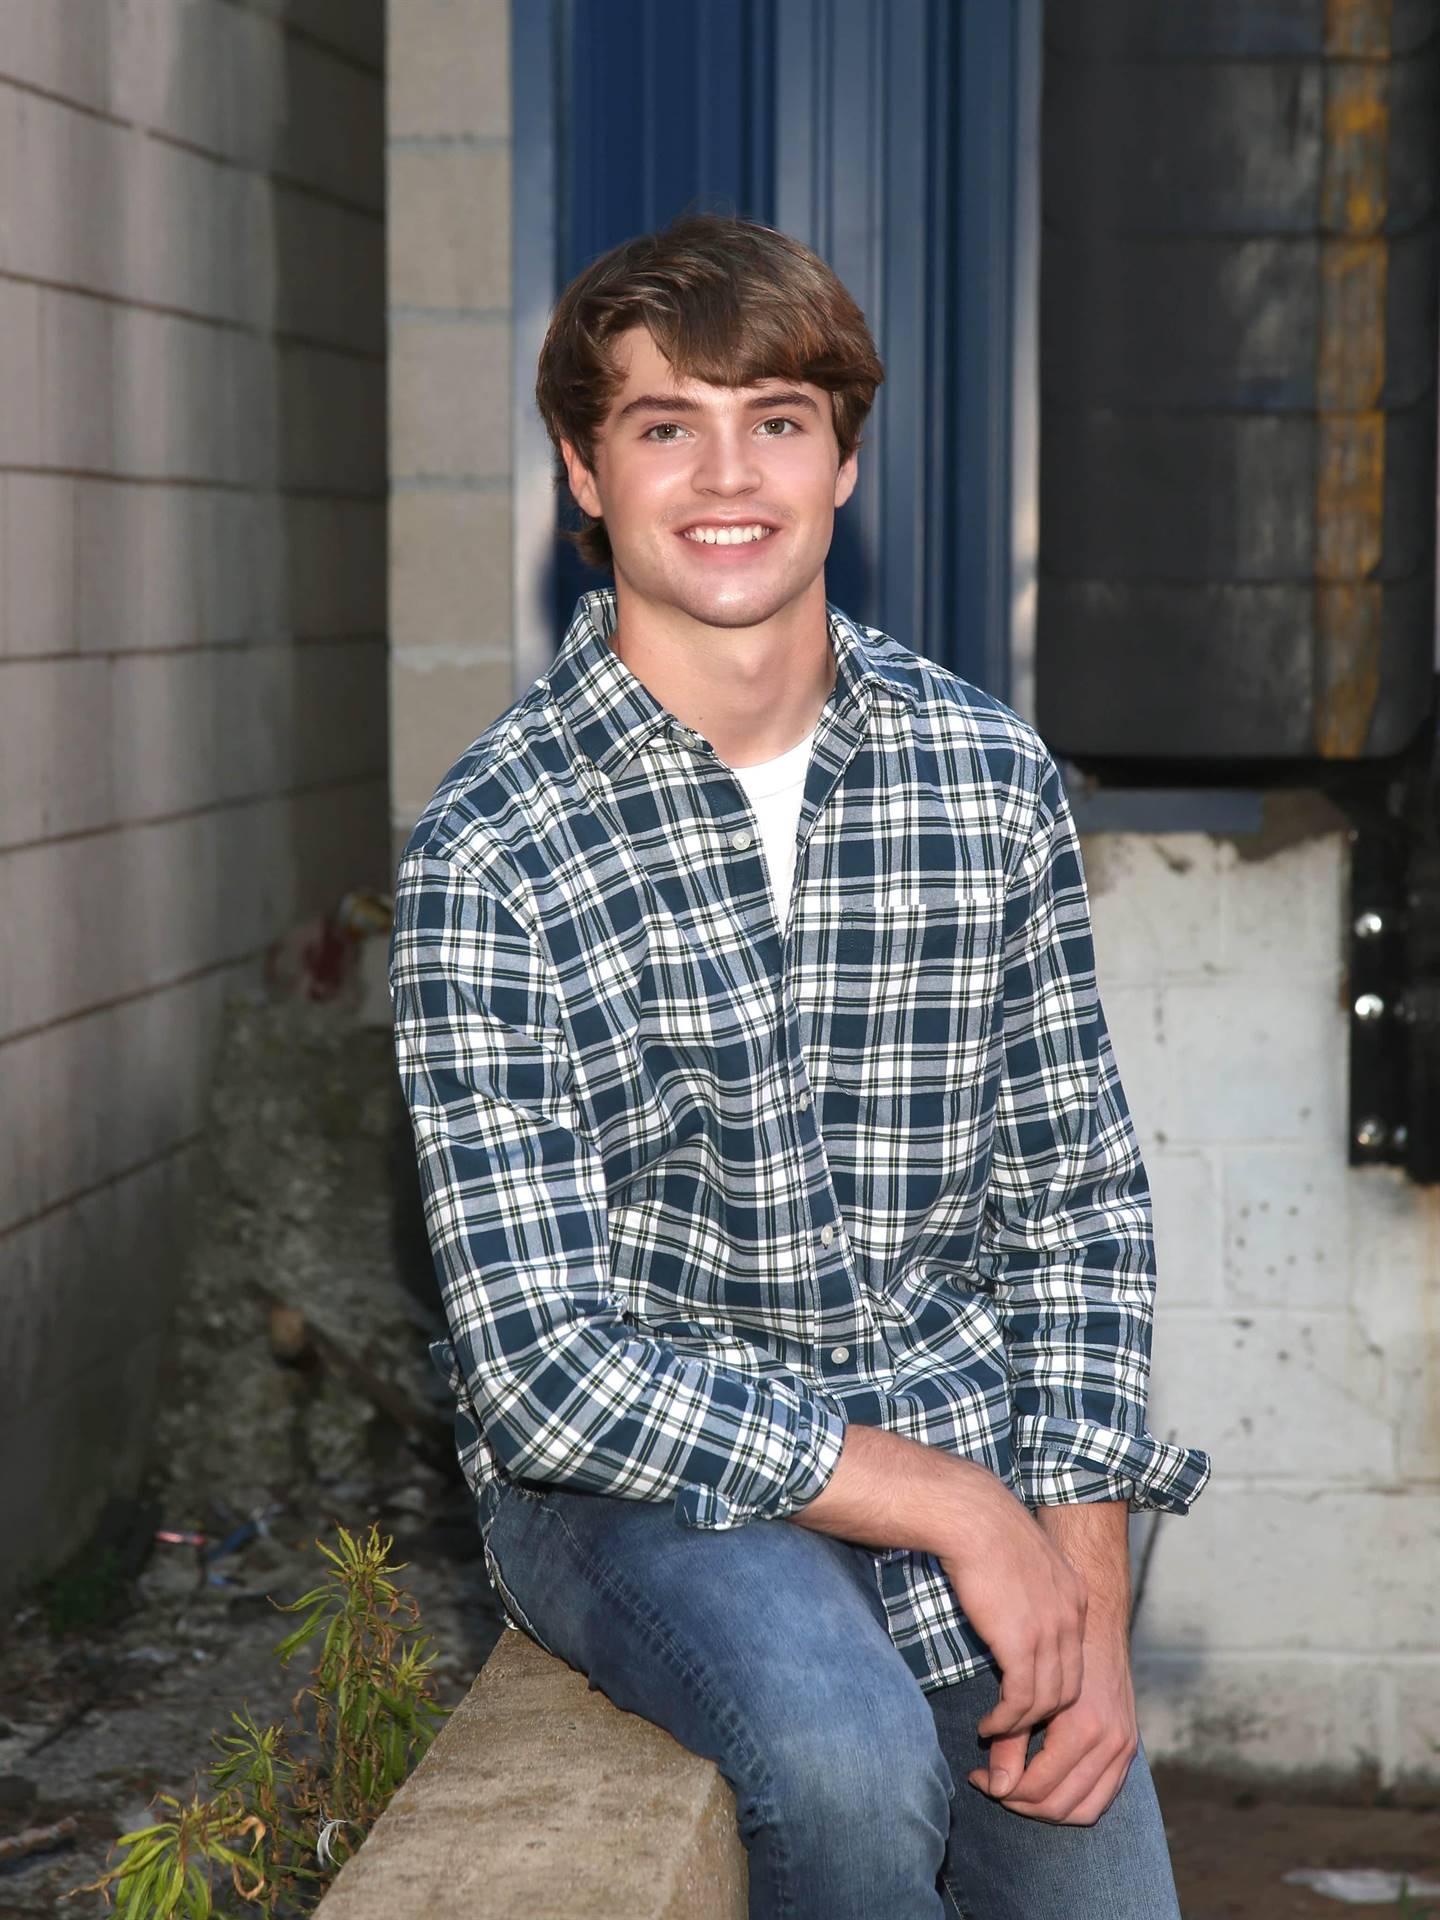 Luke Bissell